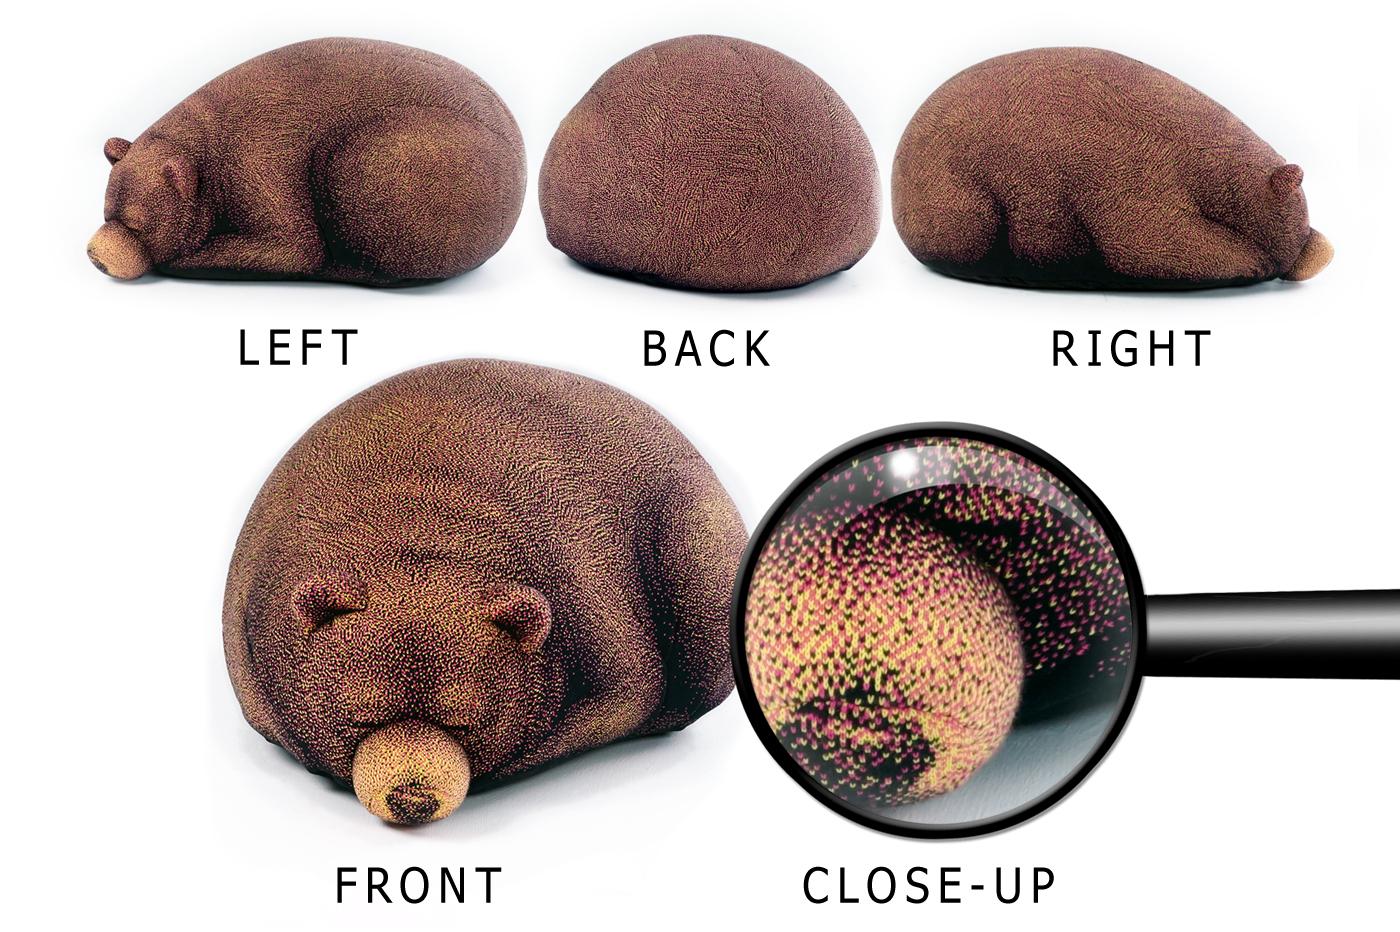 cub close up.jpg